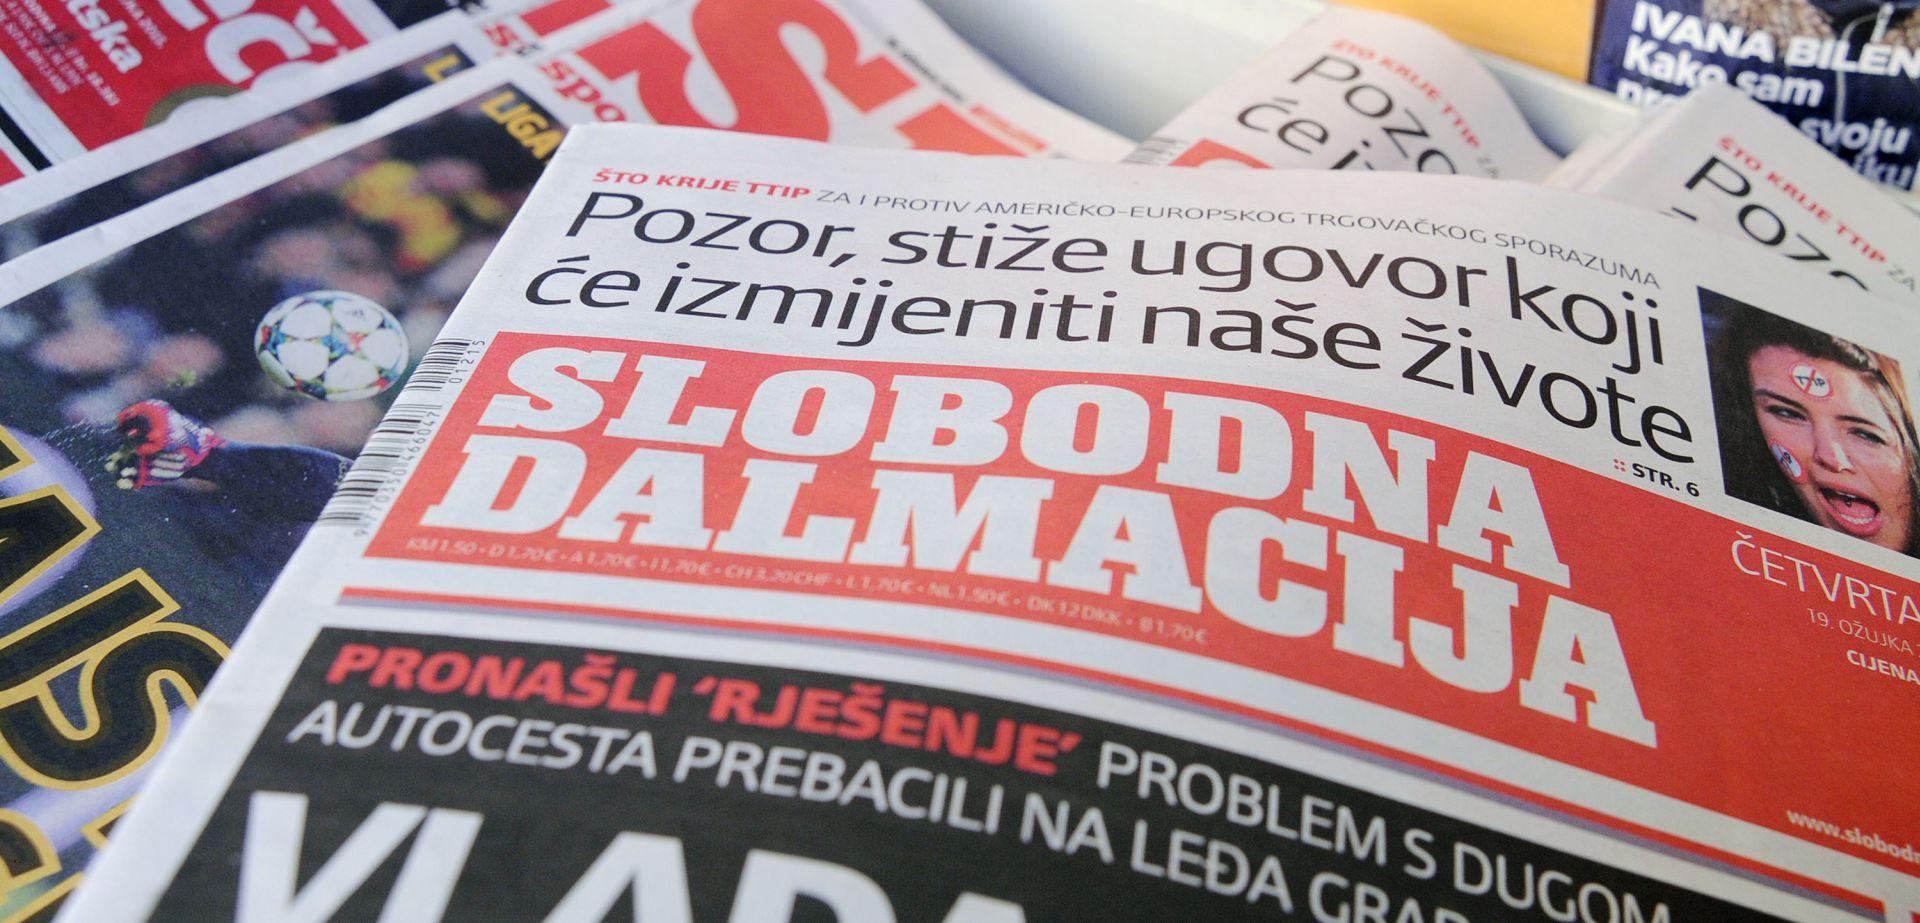 Hanfa naložila upravi Slobodne Dalmacije da izmijeni mišljenje o Hanžekovićovoj ponudi